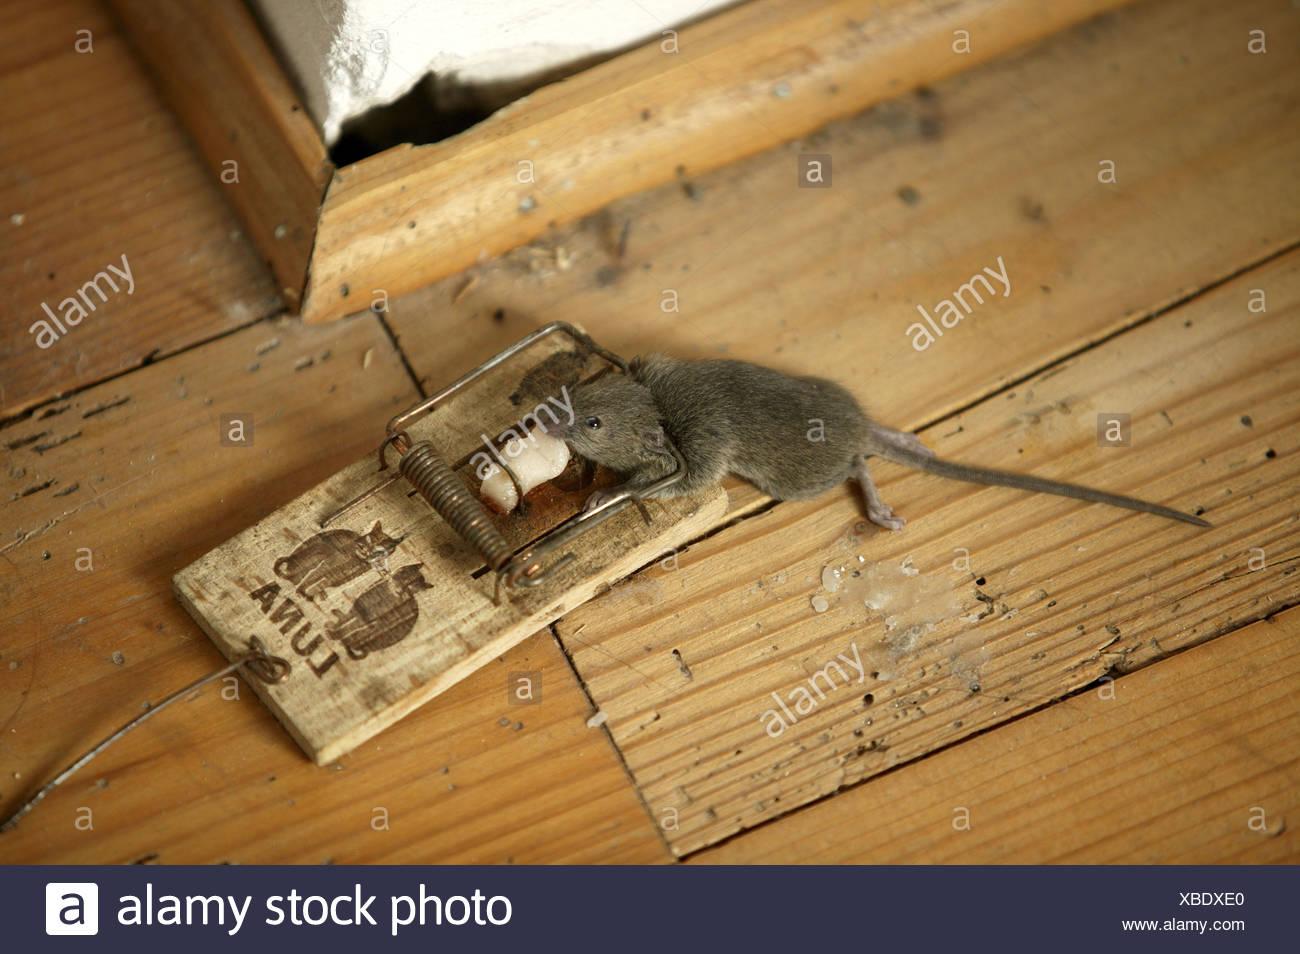 Mit Speck Fängt Man Mäuse Stockfotos Mit Speck Fängt Man Mäuse